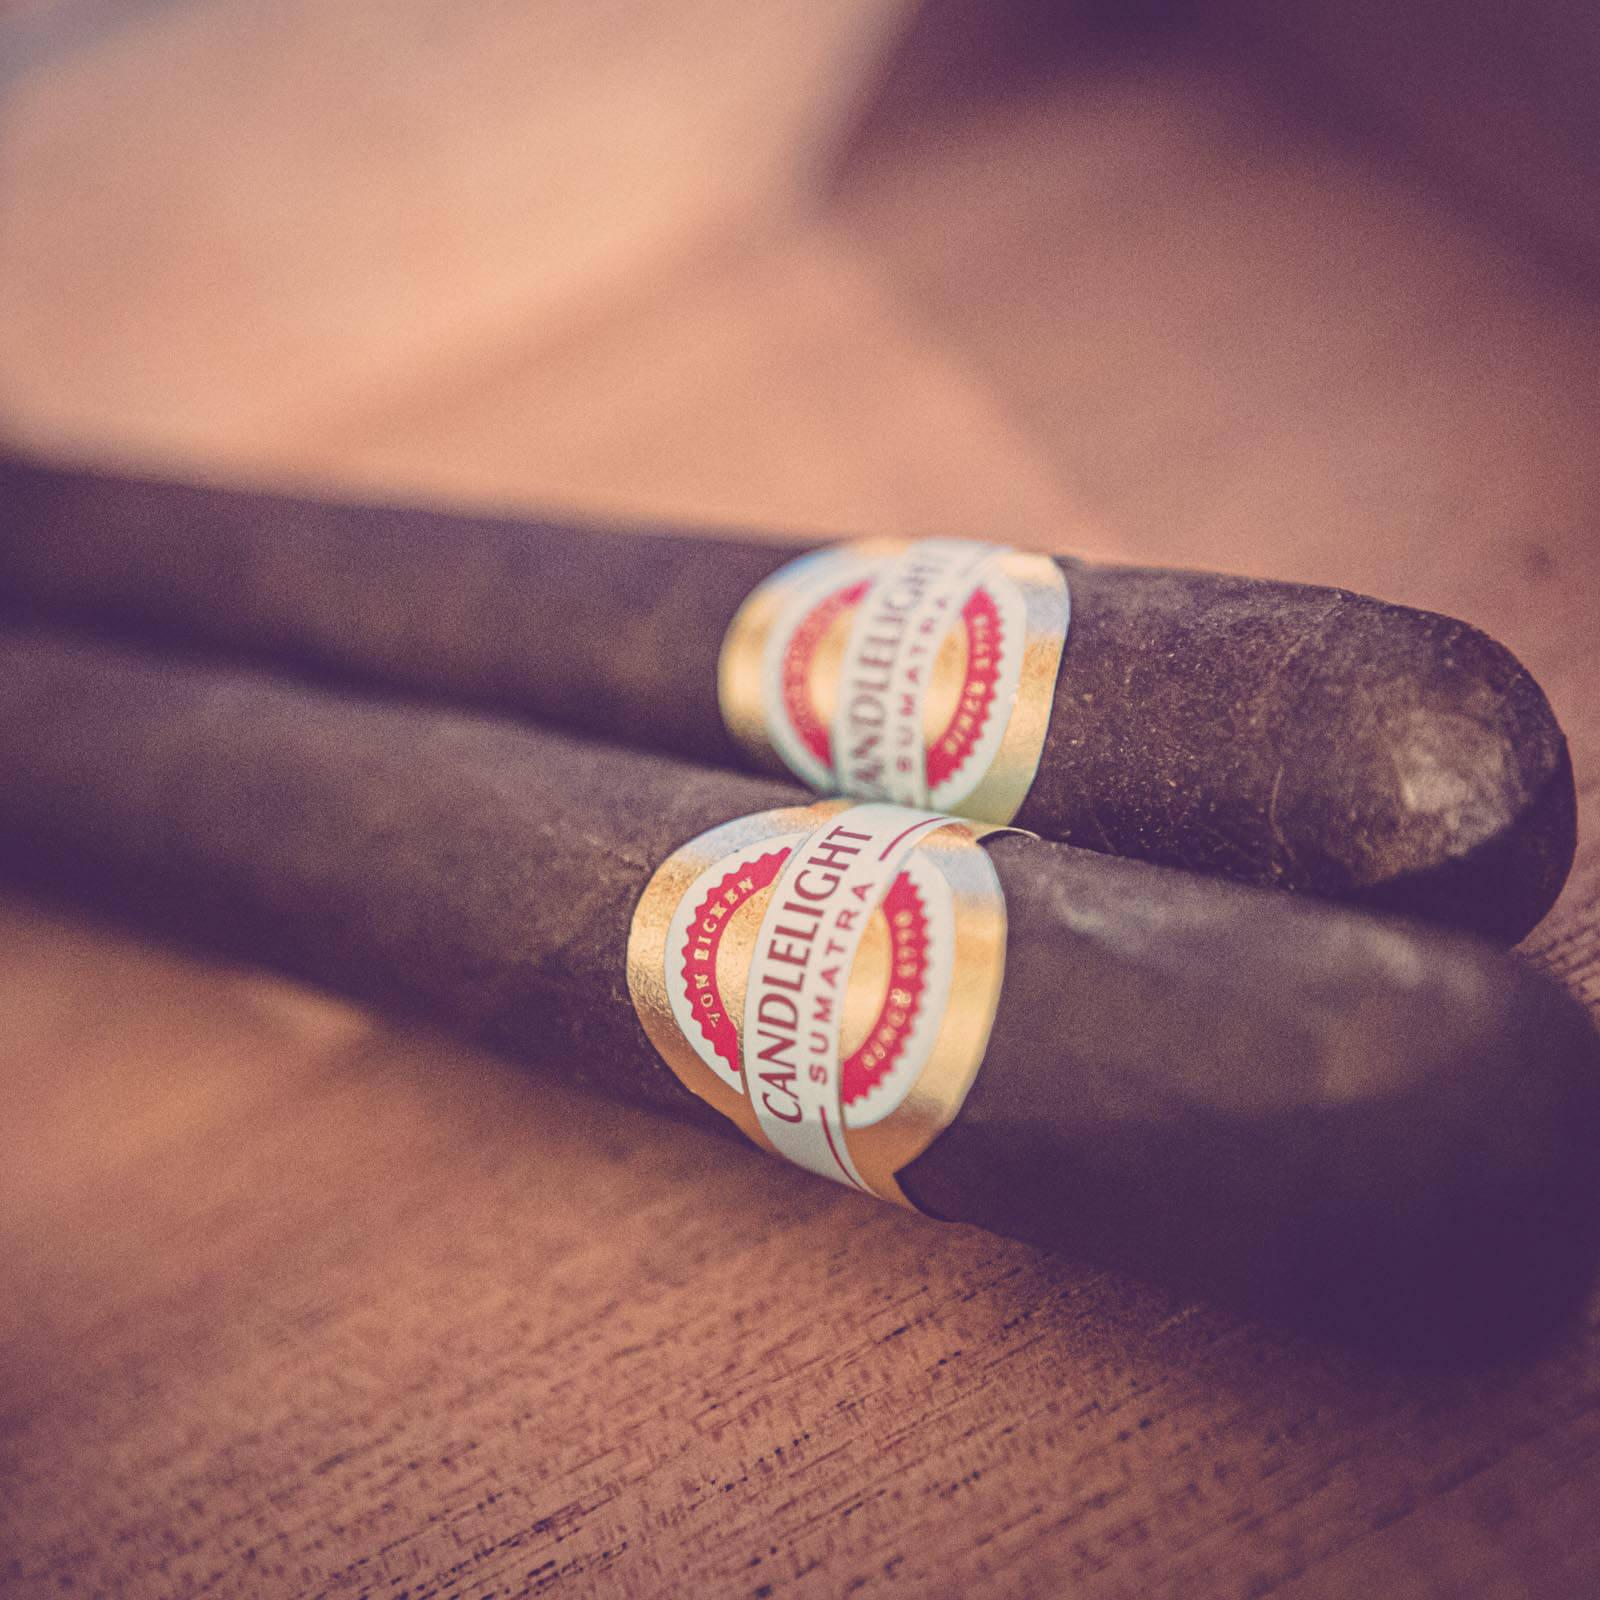 Zigarrendreher | Zigarrenroller | Zigarrenrollerin | Trocadero | Kaufen | Buchen | Mieten | Handgemacht | Zigarren | Zylinder | Fabrik | Herstellung | Churchill | Robusto | Robusto | Corona | Banderole | Bauchbinde